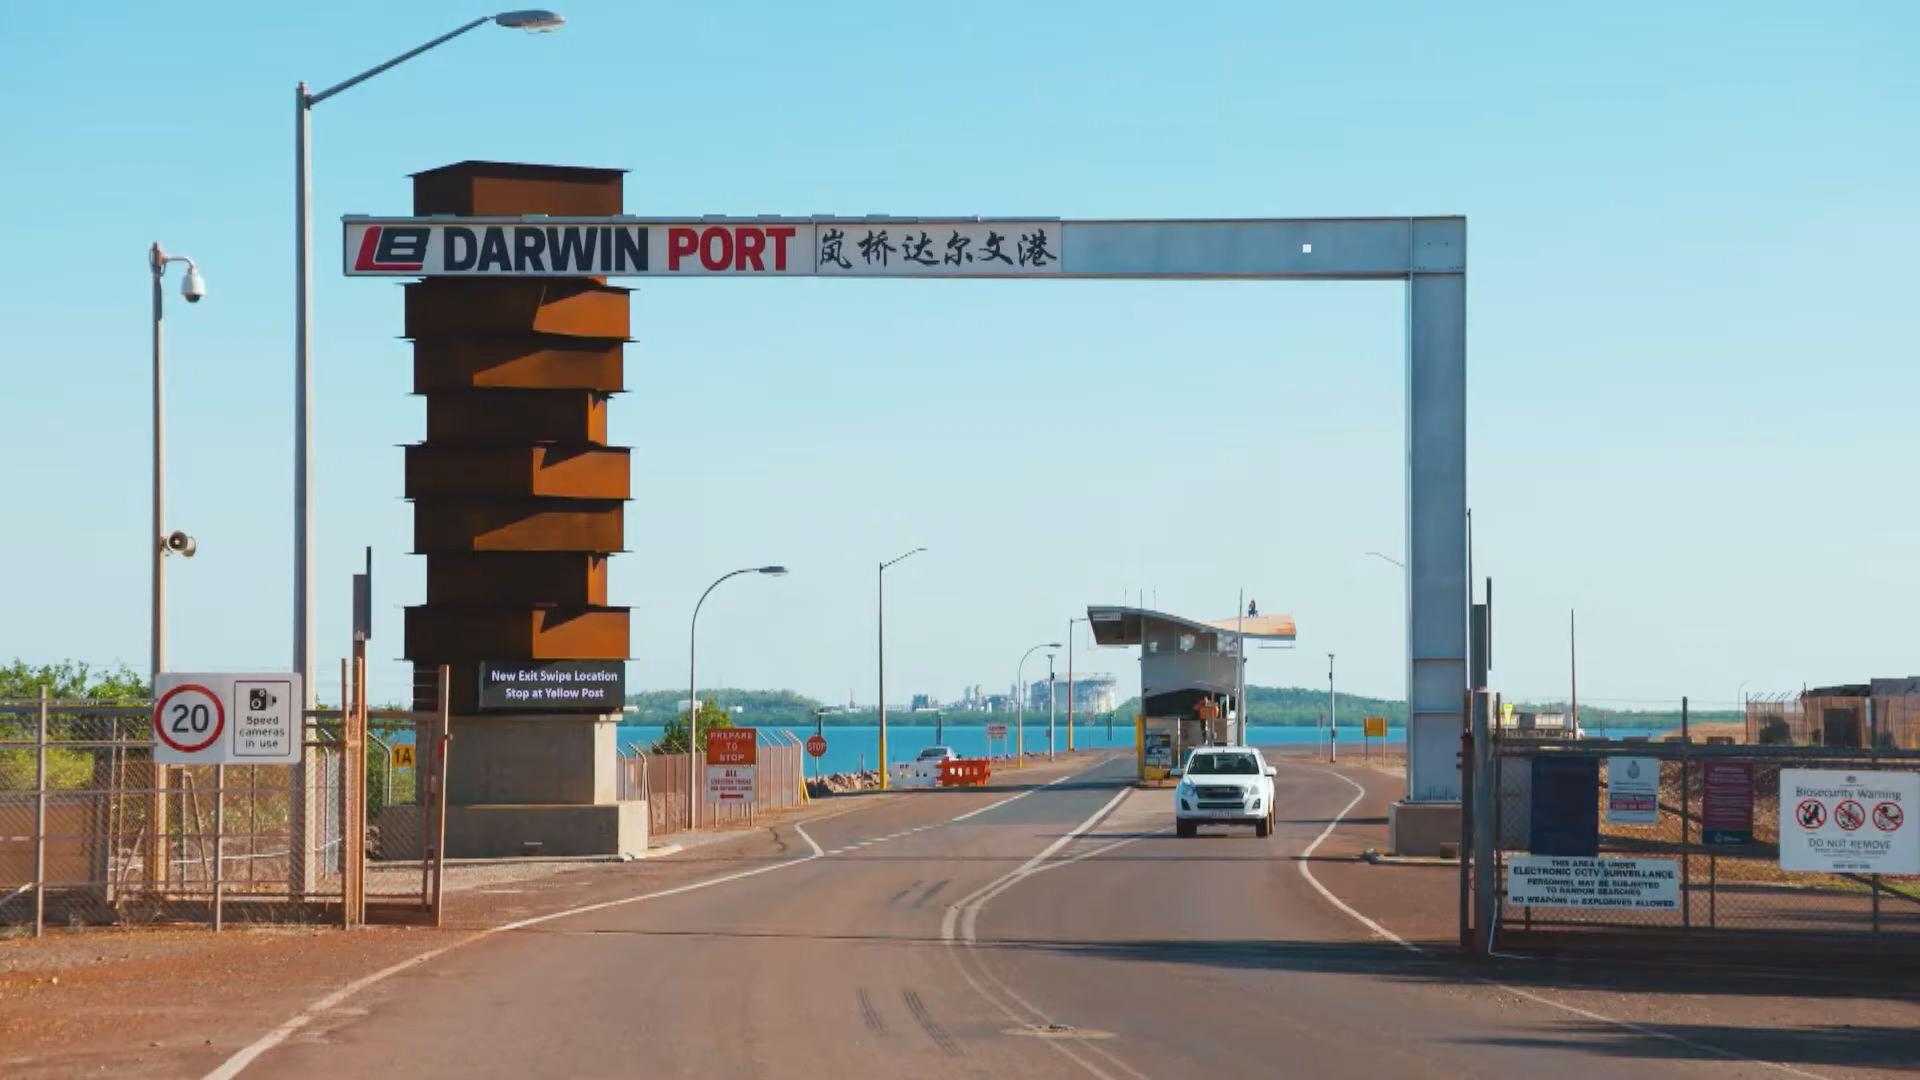 據報澳洲正審視中國嵐橋集團租用達爾文港協議